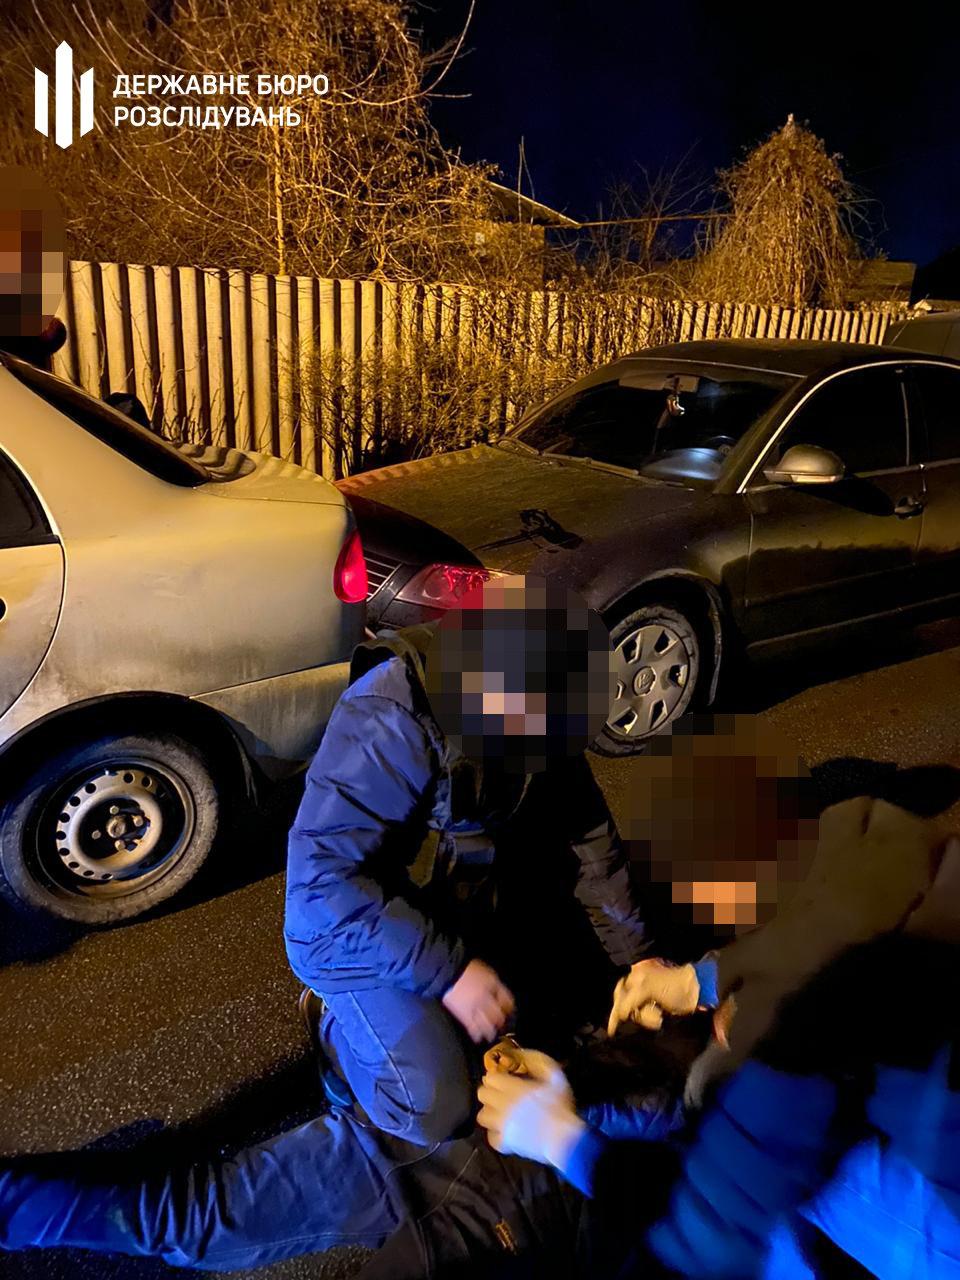 На Харьковщине будут судить двух полицейских, обвиняемых в требовании взятки от матери и сына, - ФОТО, фото-2